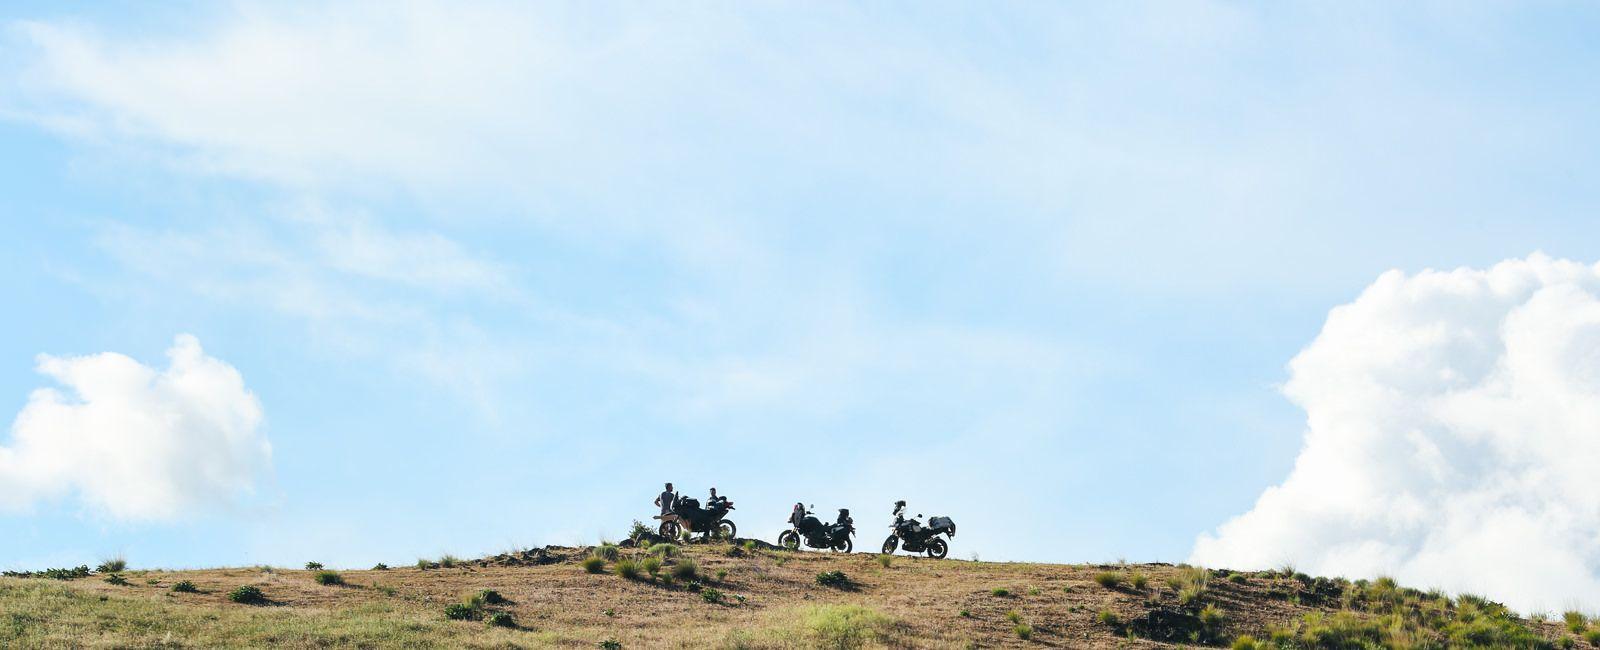 eastern-oregon-bike-XL-gear-patrol-LEAD